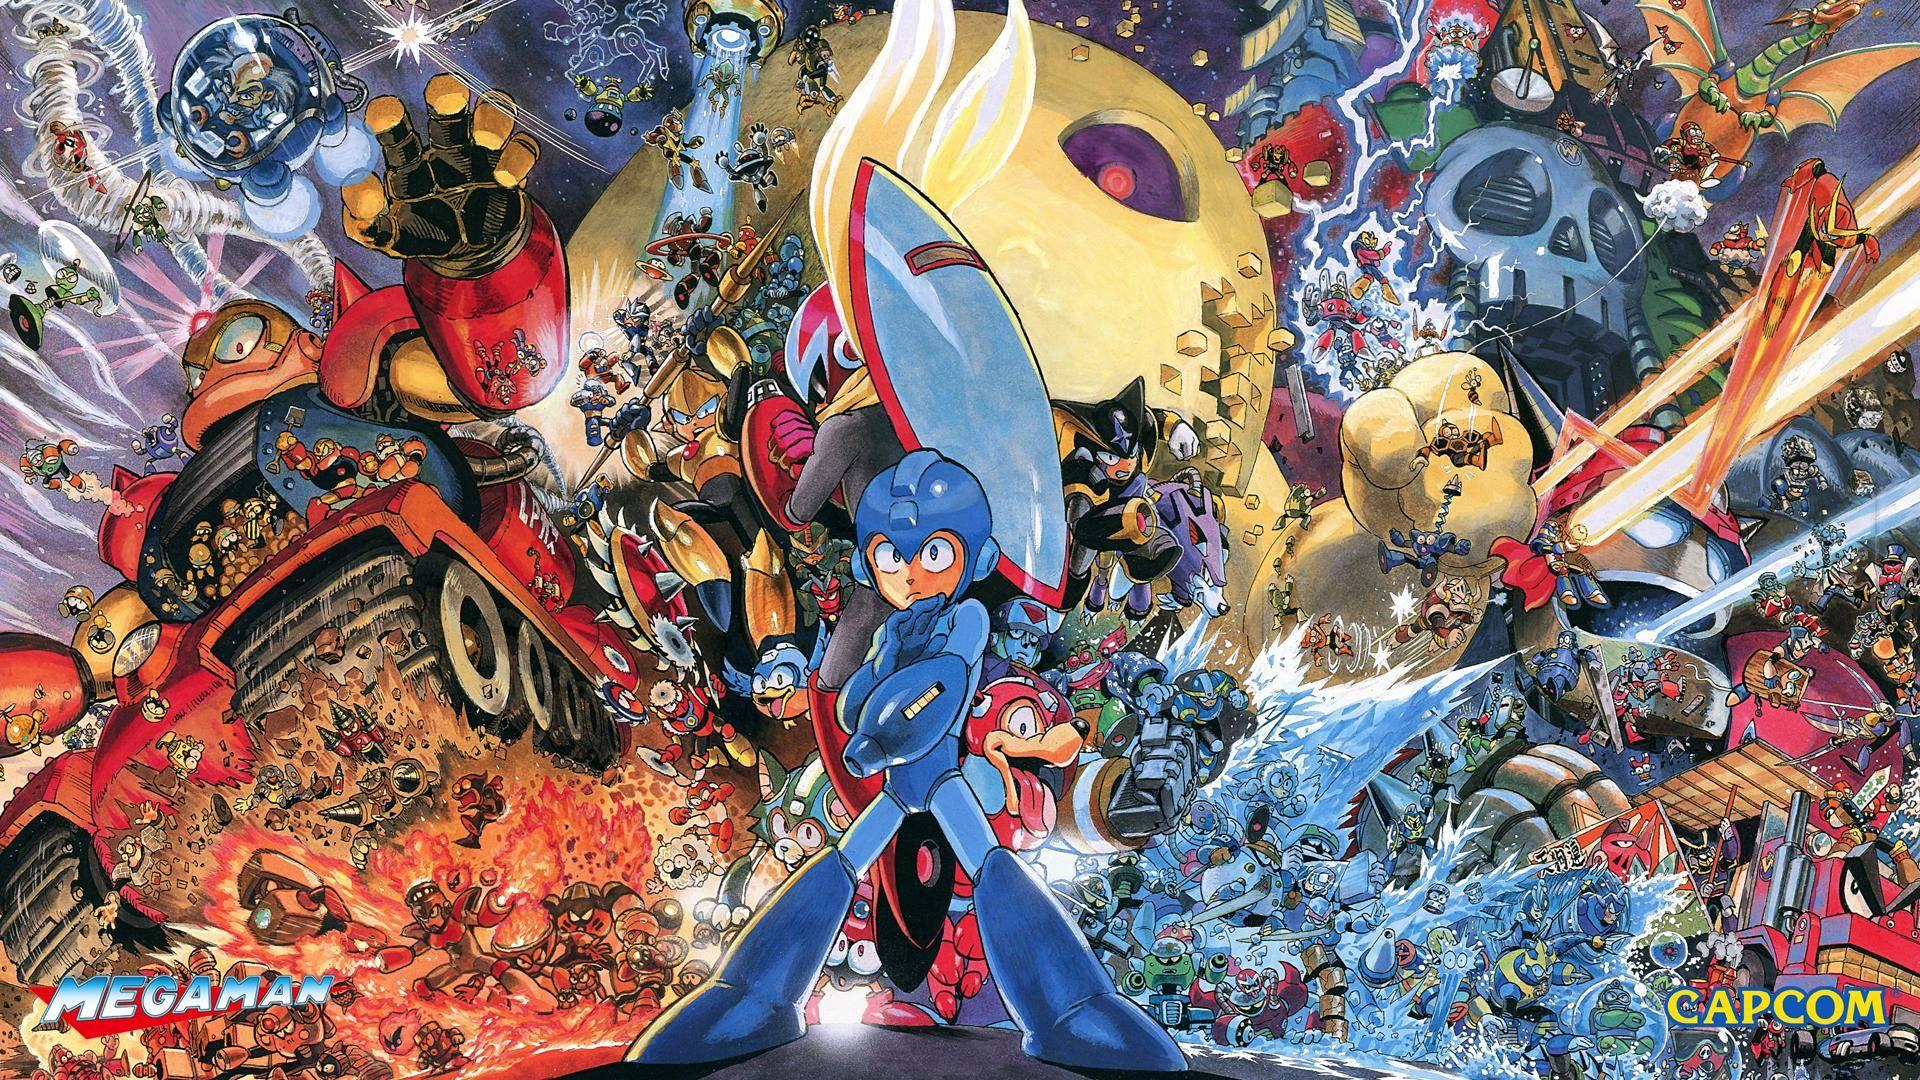 Capcom wallpapers wallpaper cave - Mm screensaver ...